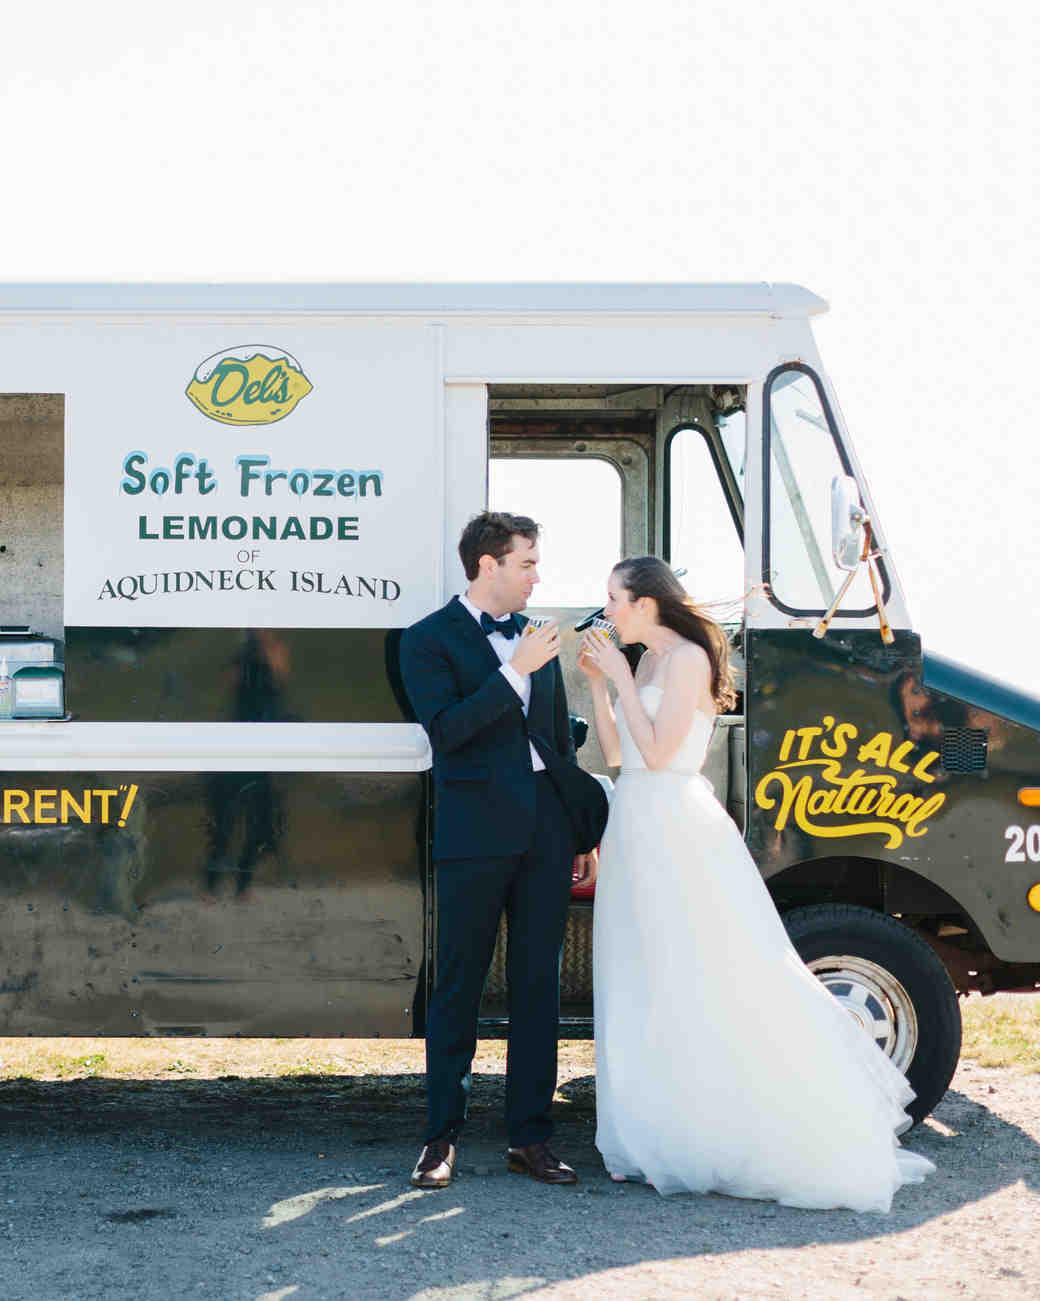 Del's truck at wedding